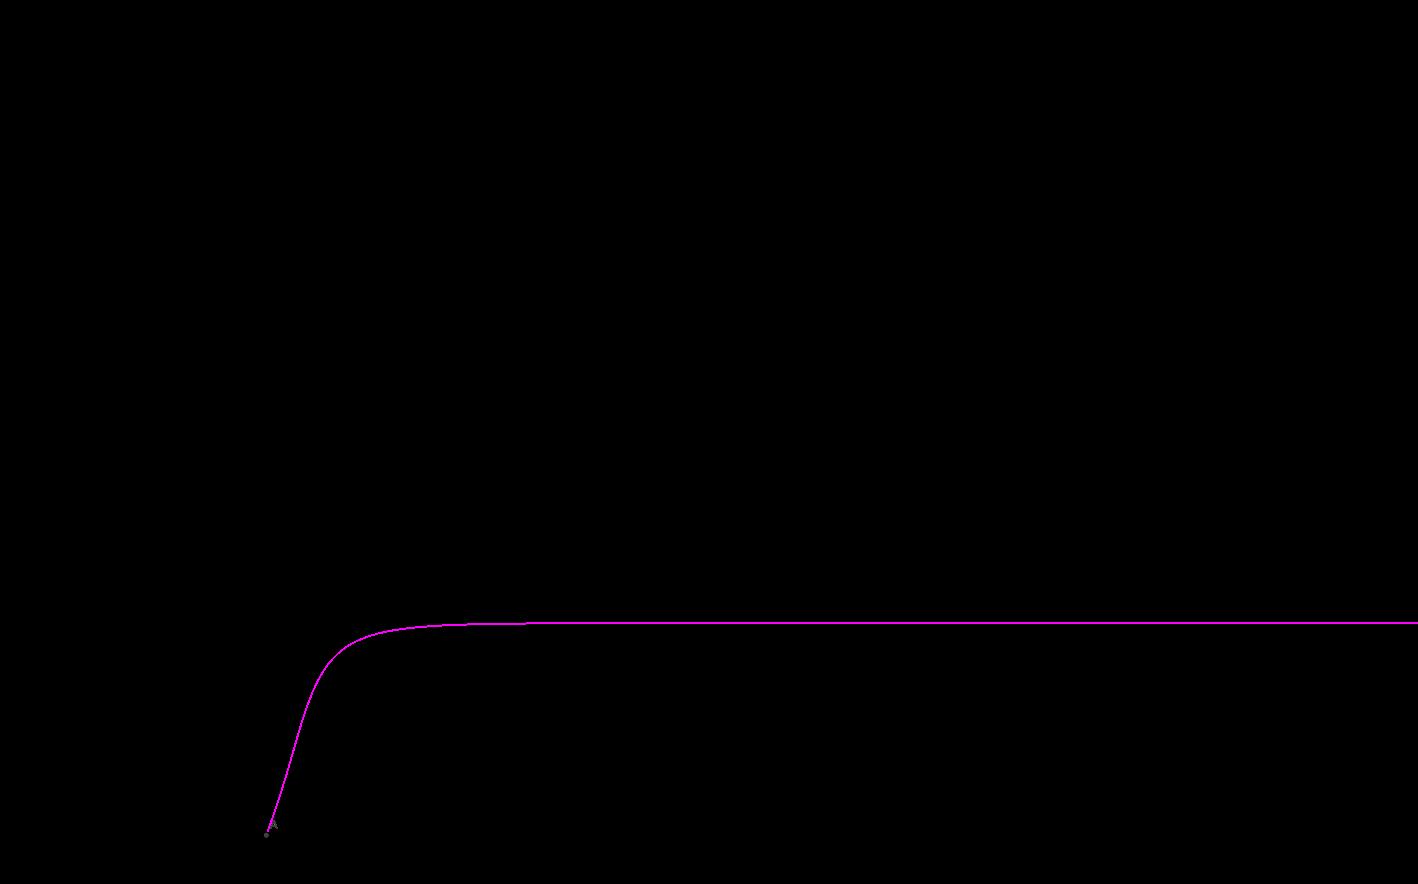 Trajectory of system: y'=sin(y)-y/2